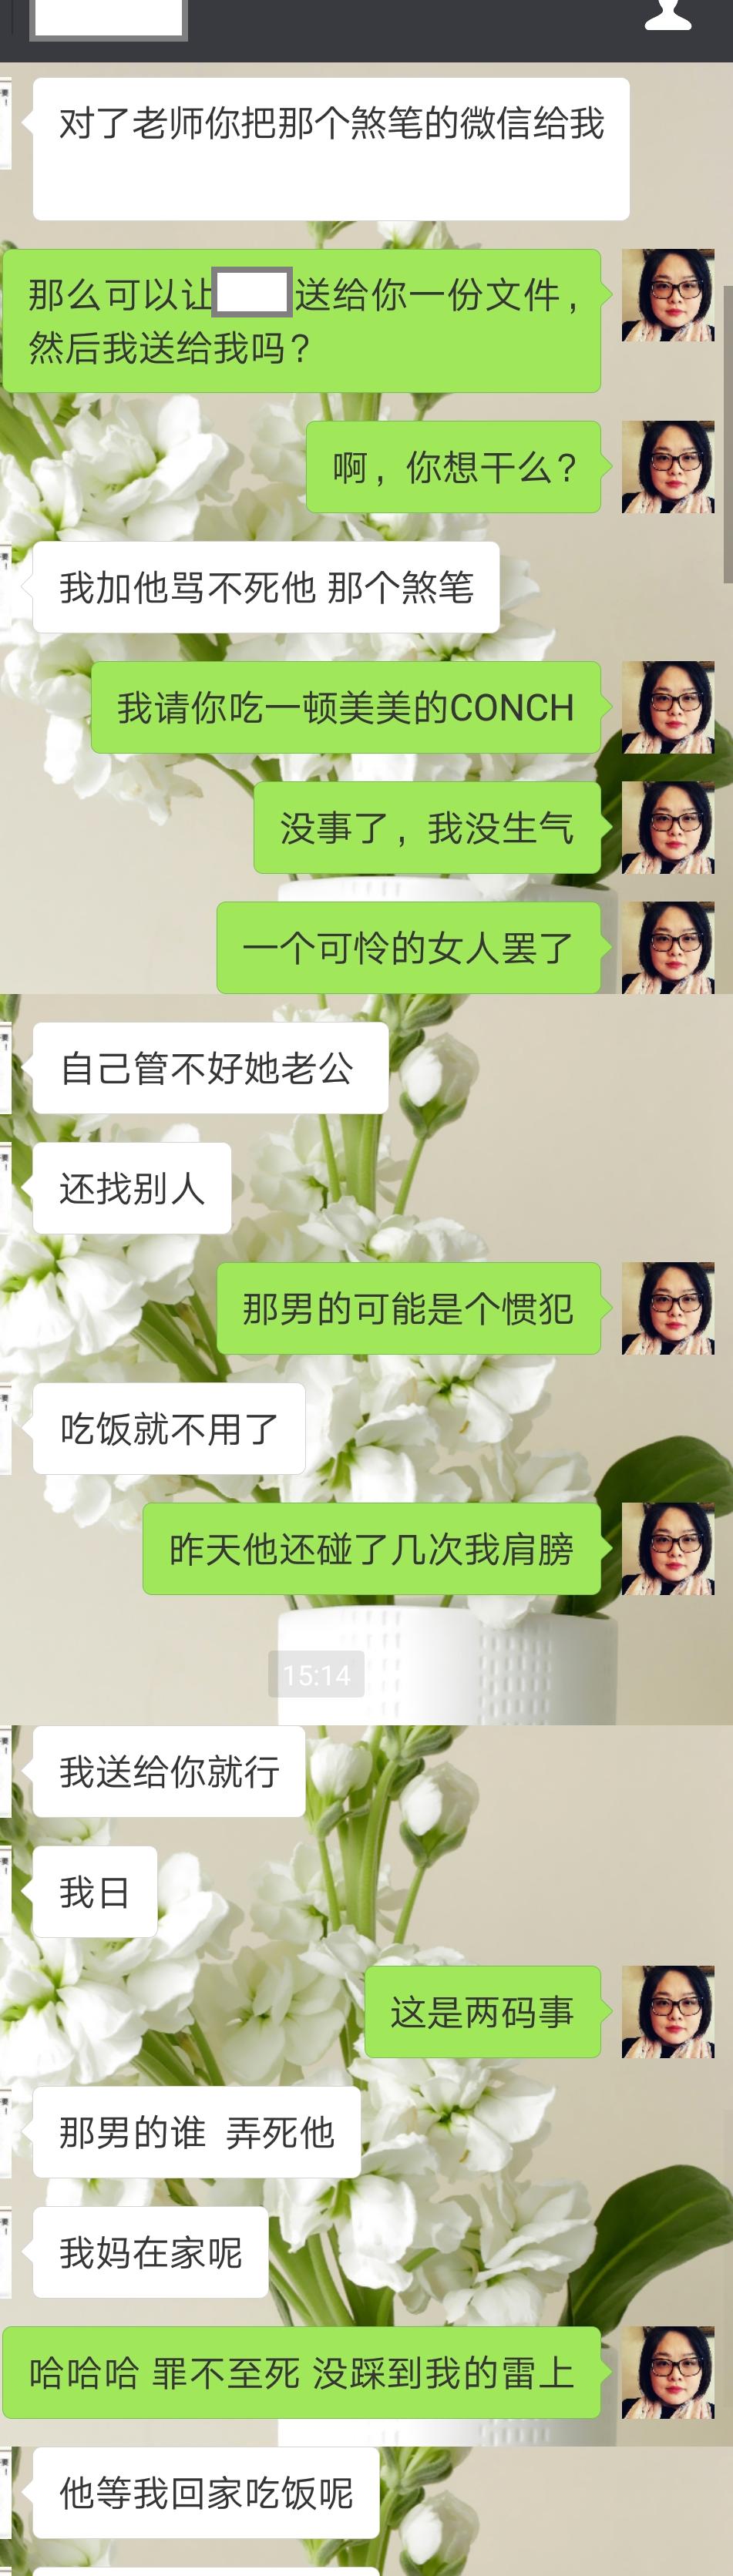 微信记录-小可爱YX.png